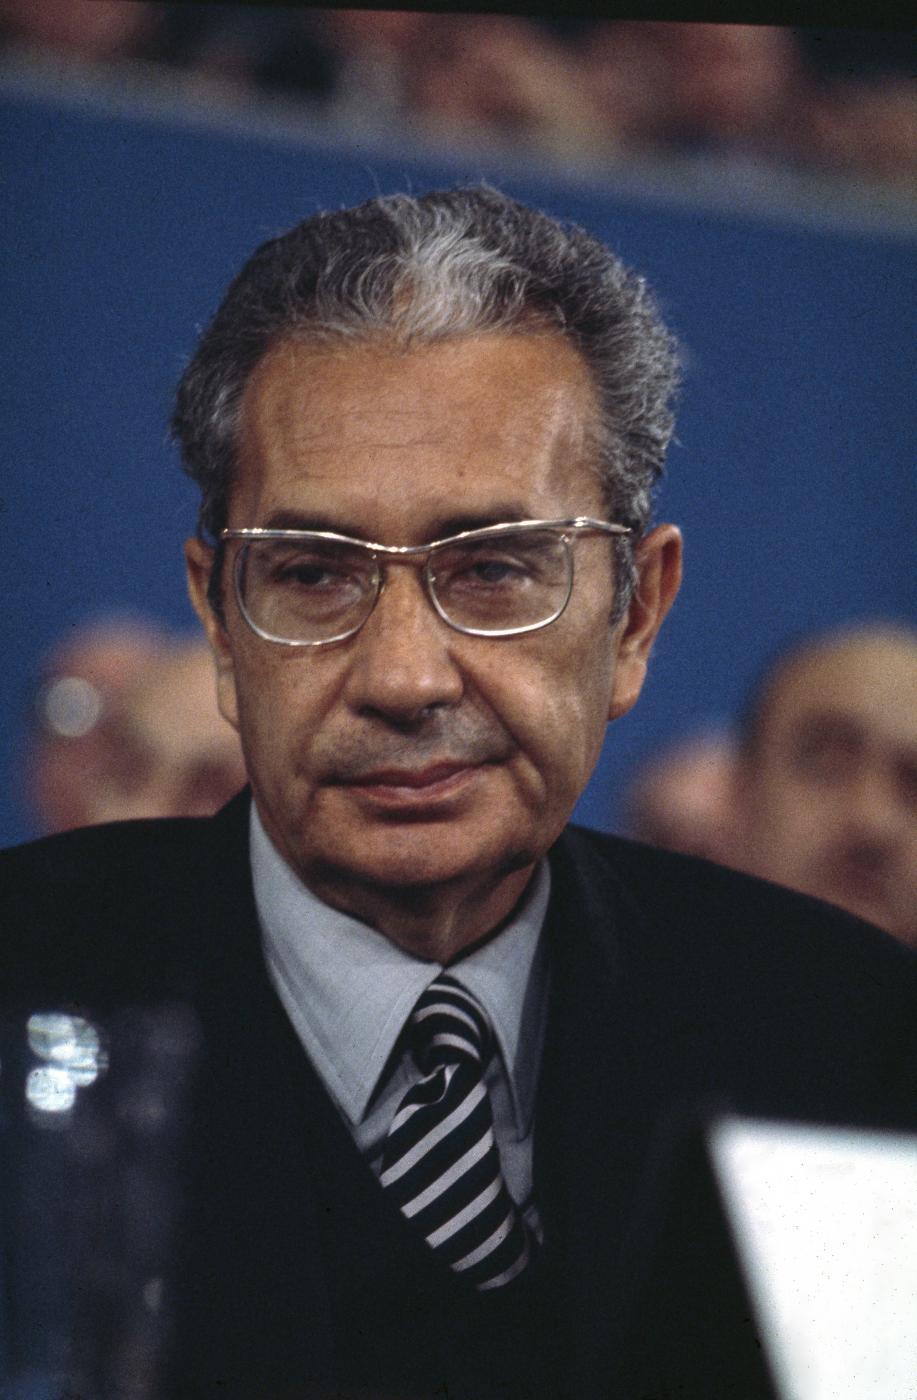 La figura di Aldo Moro è stata interpretata nel cinema da molti attori. Tra gli altri, Gianmaria Volontè e Roberto Herliztka